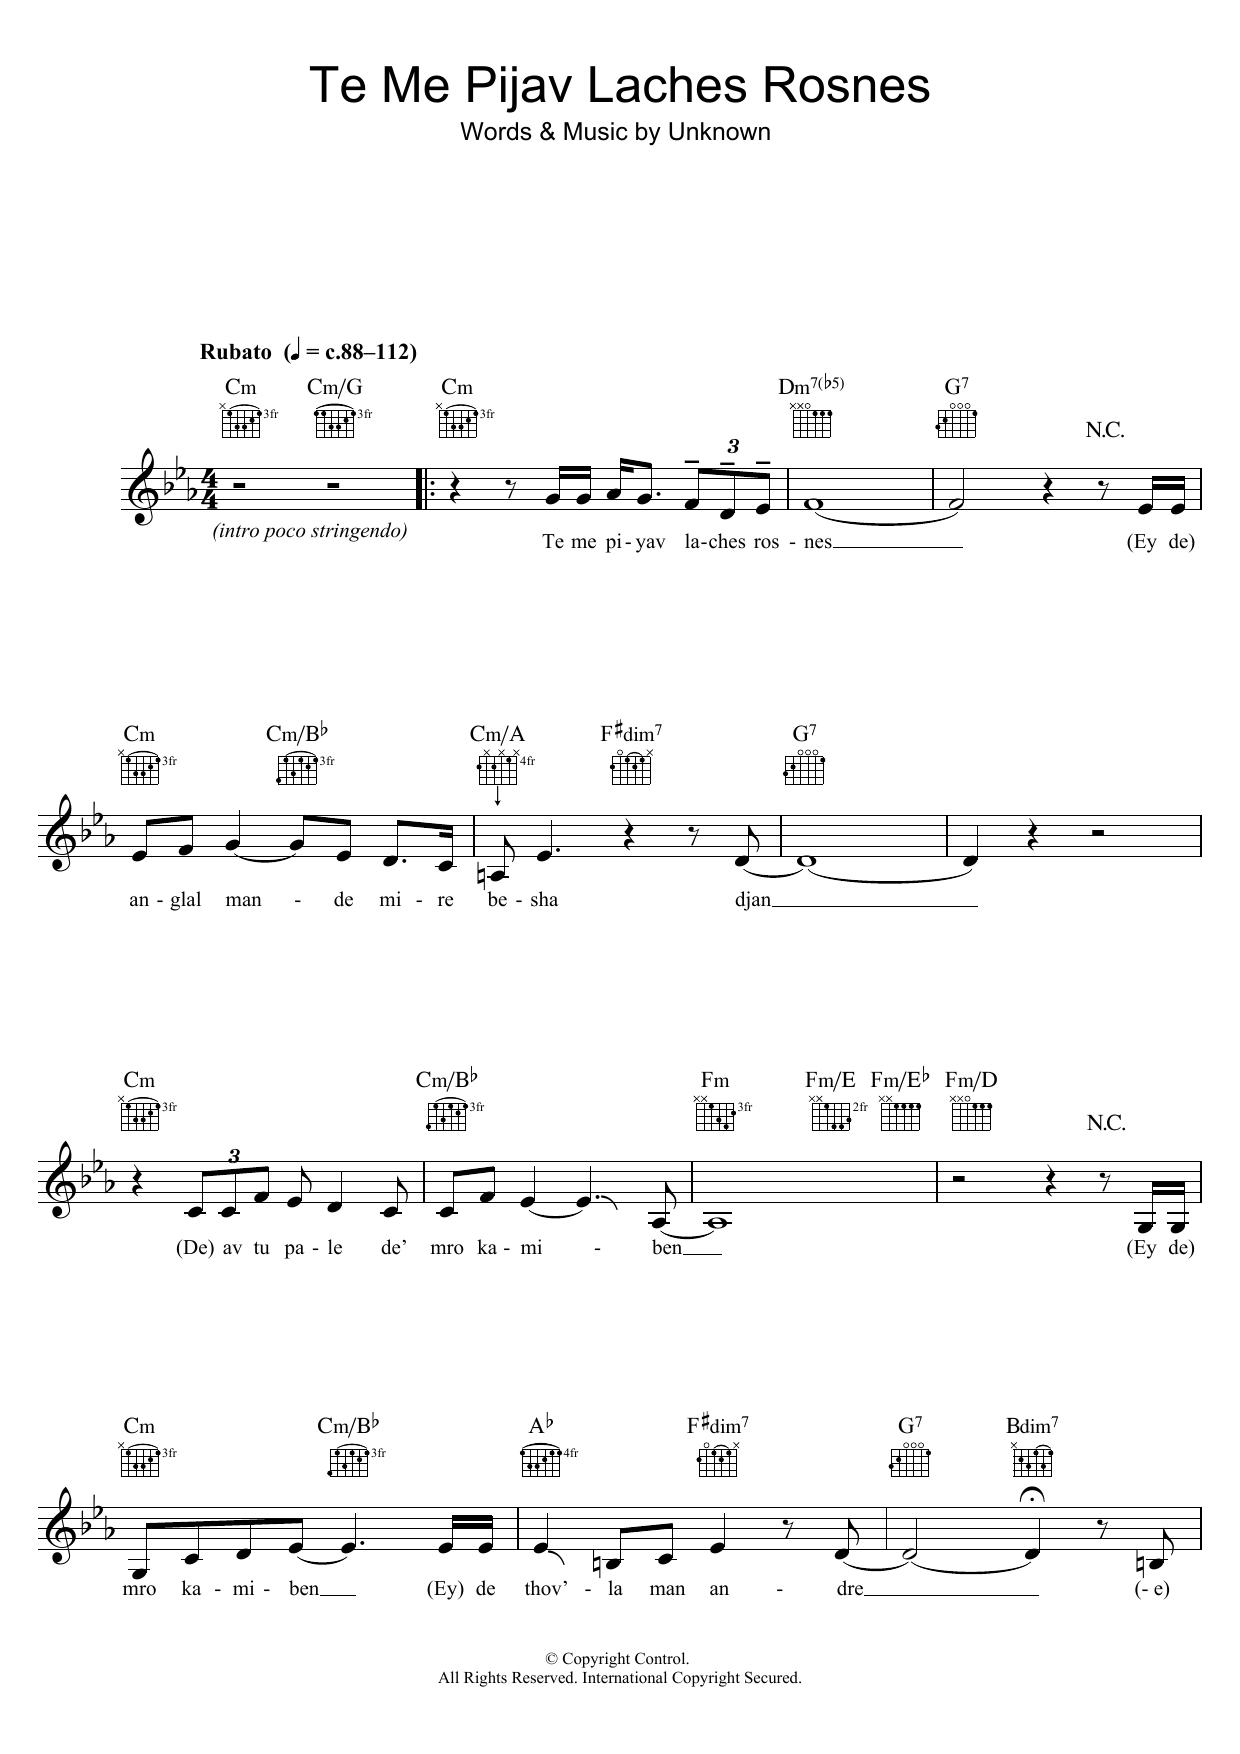 Te Me Pijav Lachness Rosnes Sheet Music